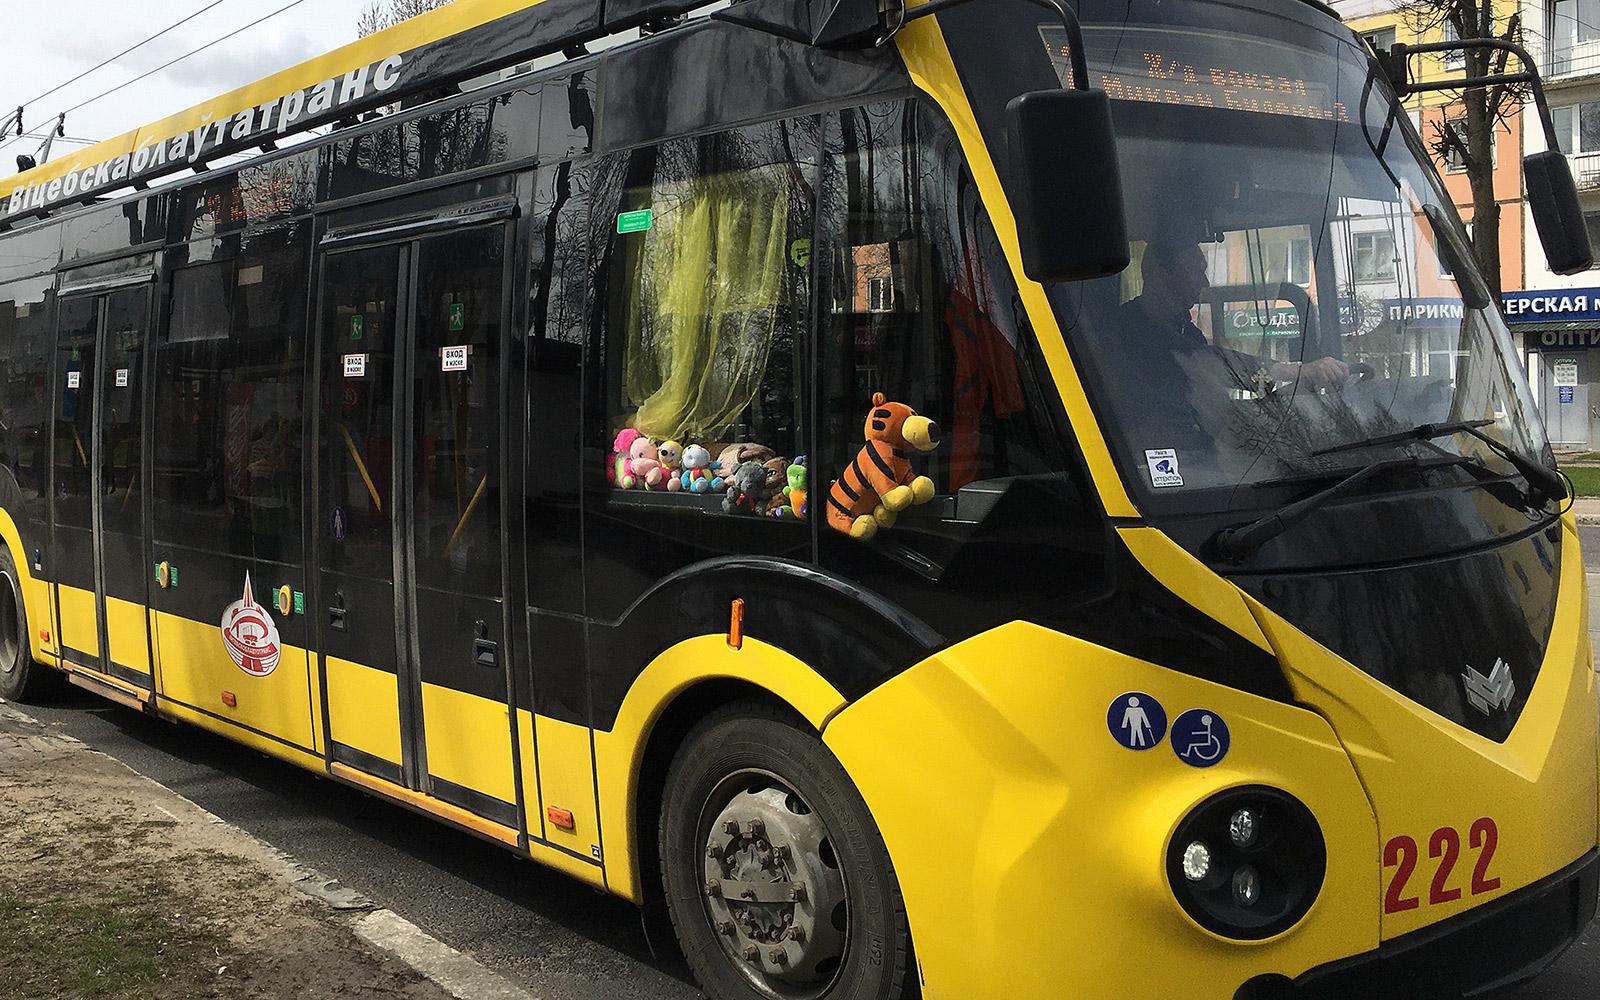 trolleybus-toys-vitebsk-20210427-01